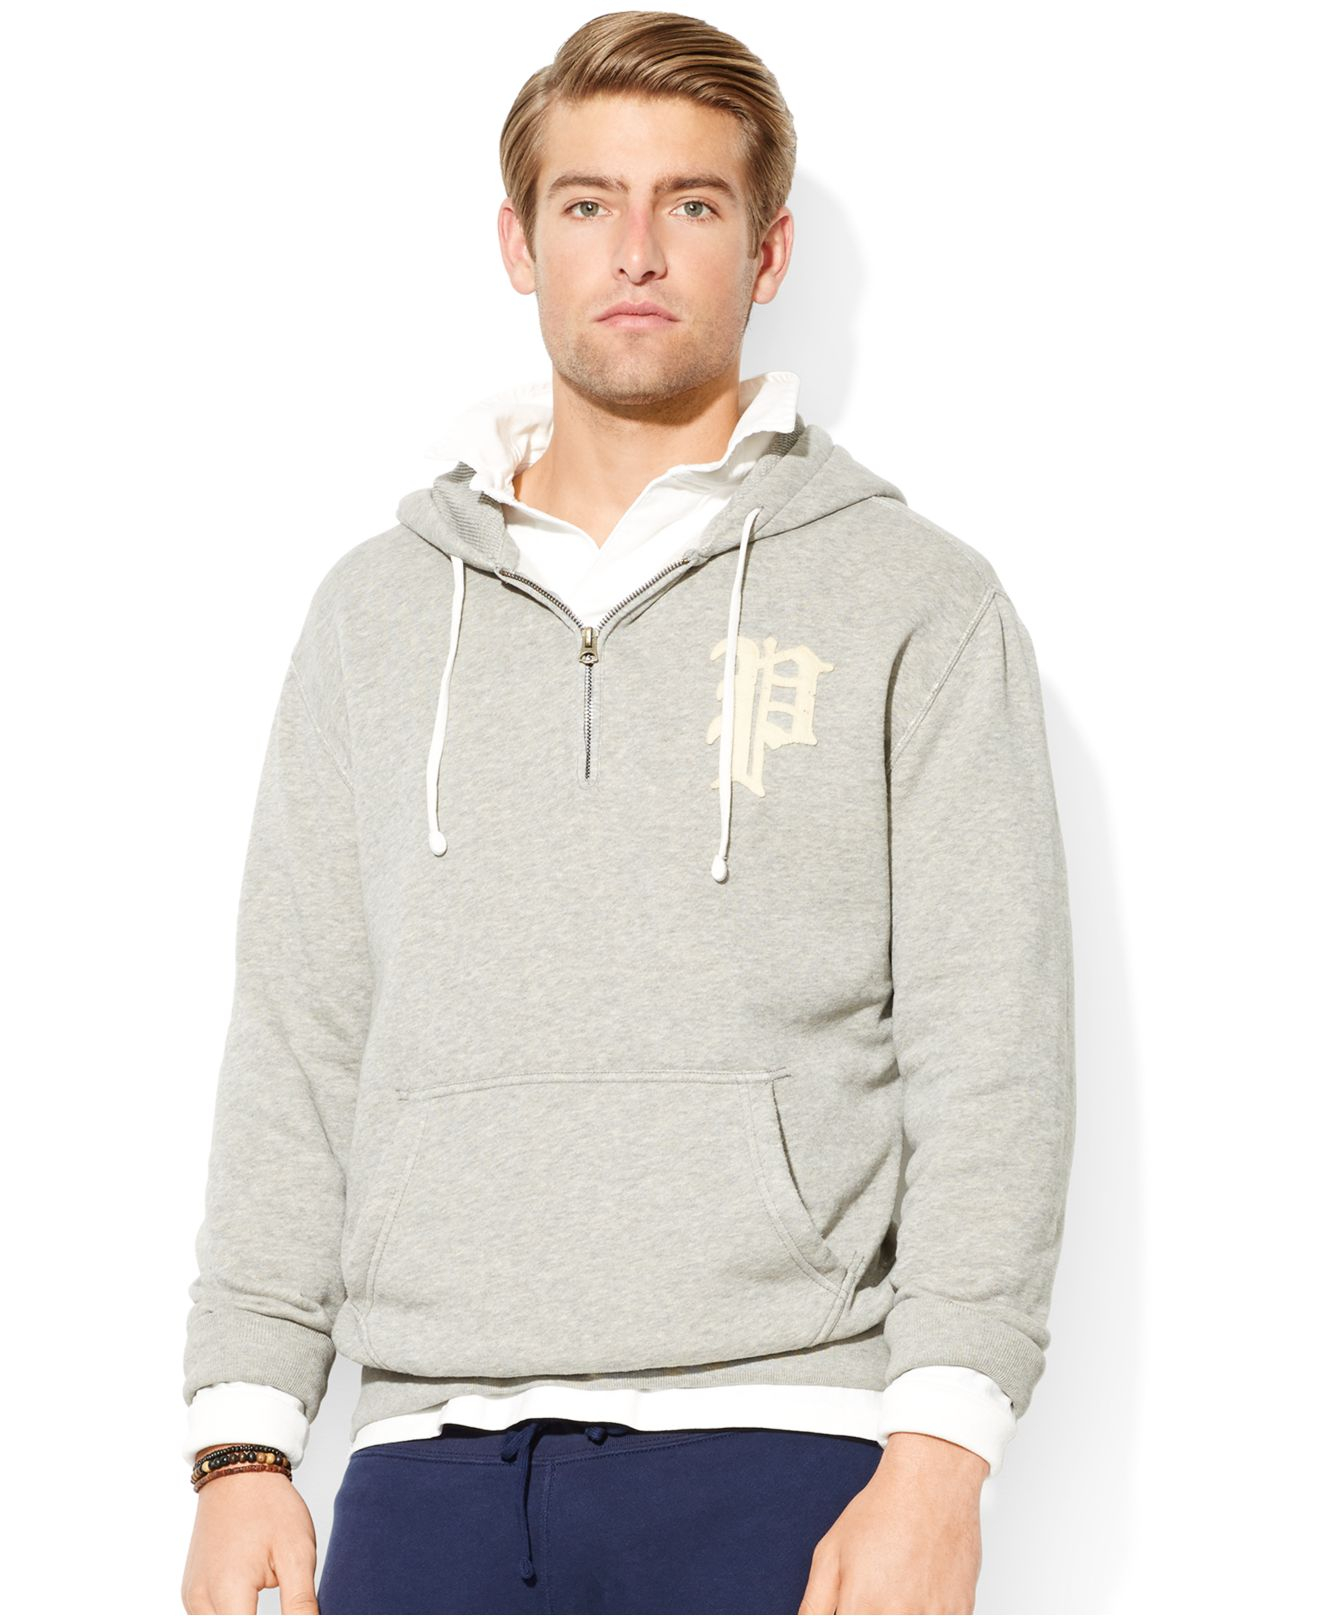 Polo ralph lauren Half-Zip Fleece Hoodie in Gray for Men | Lyst